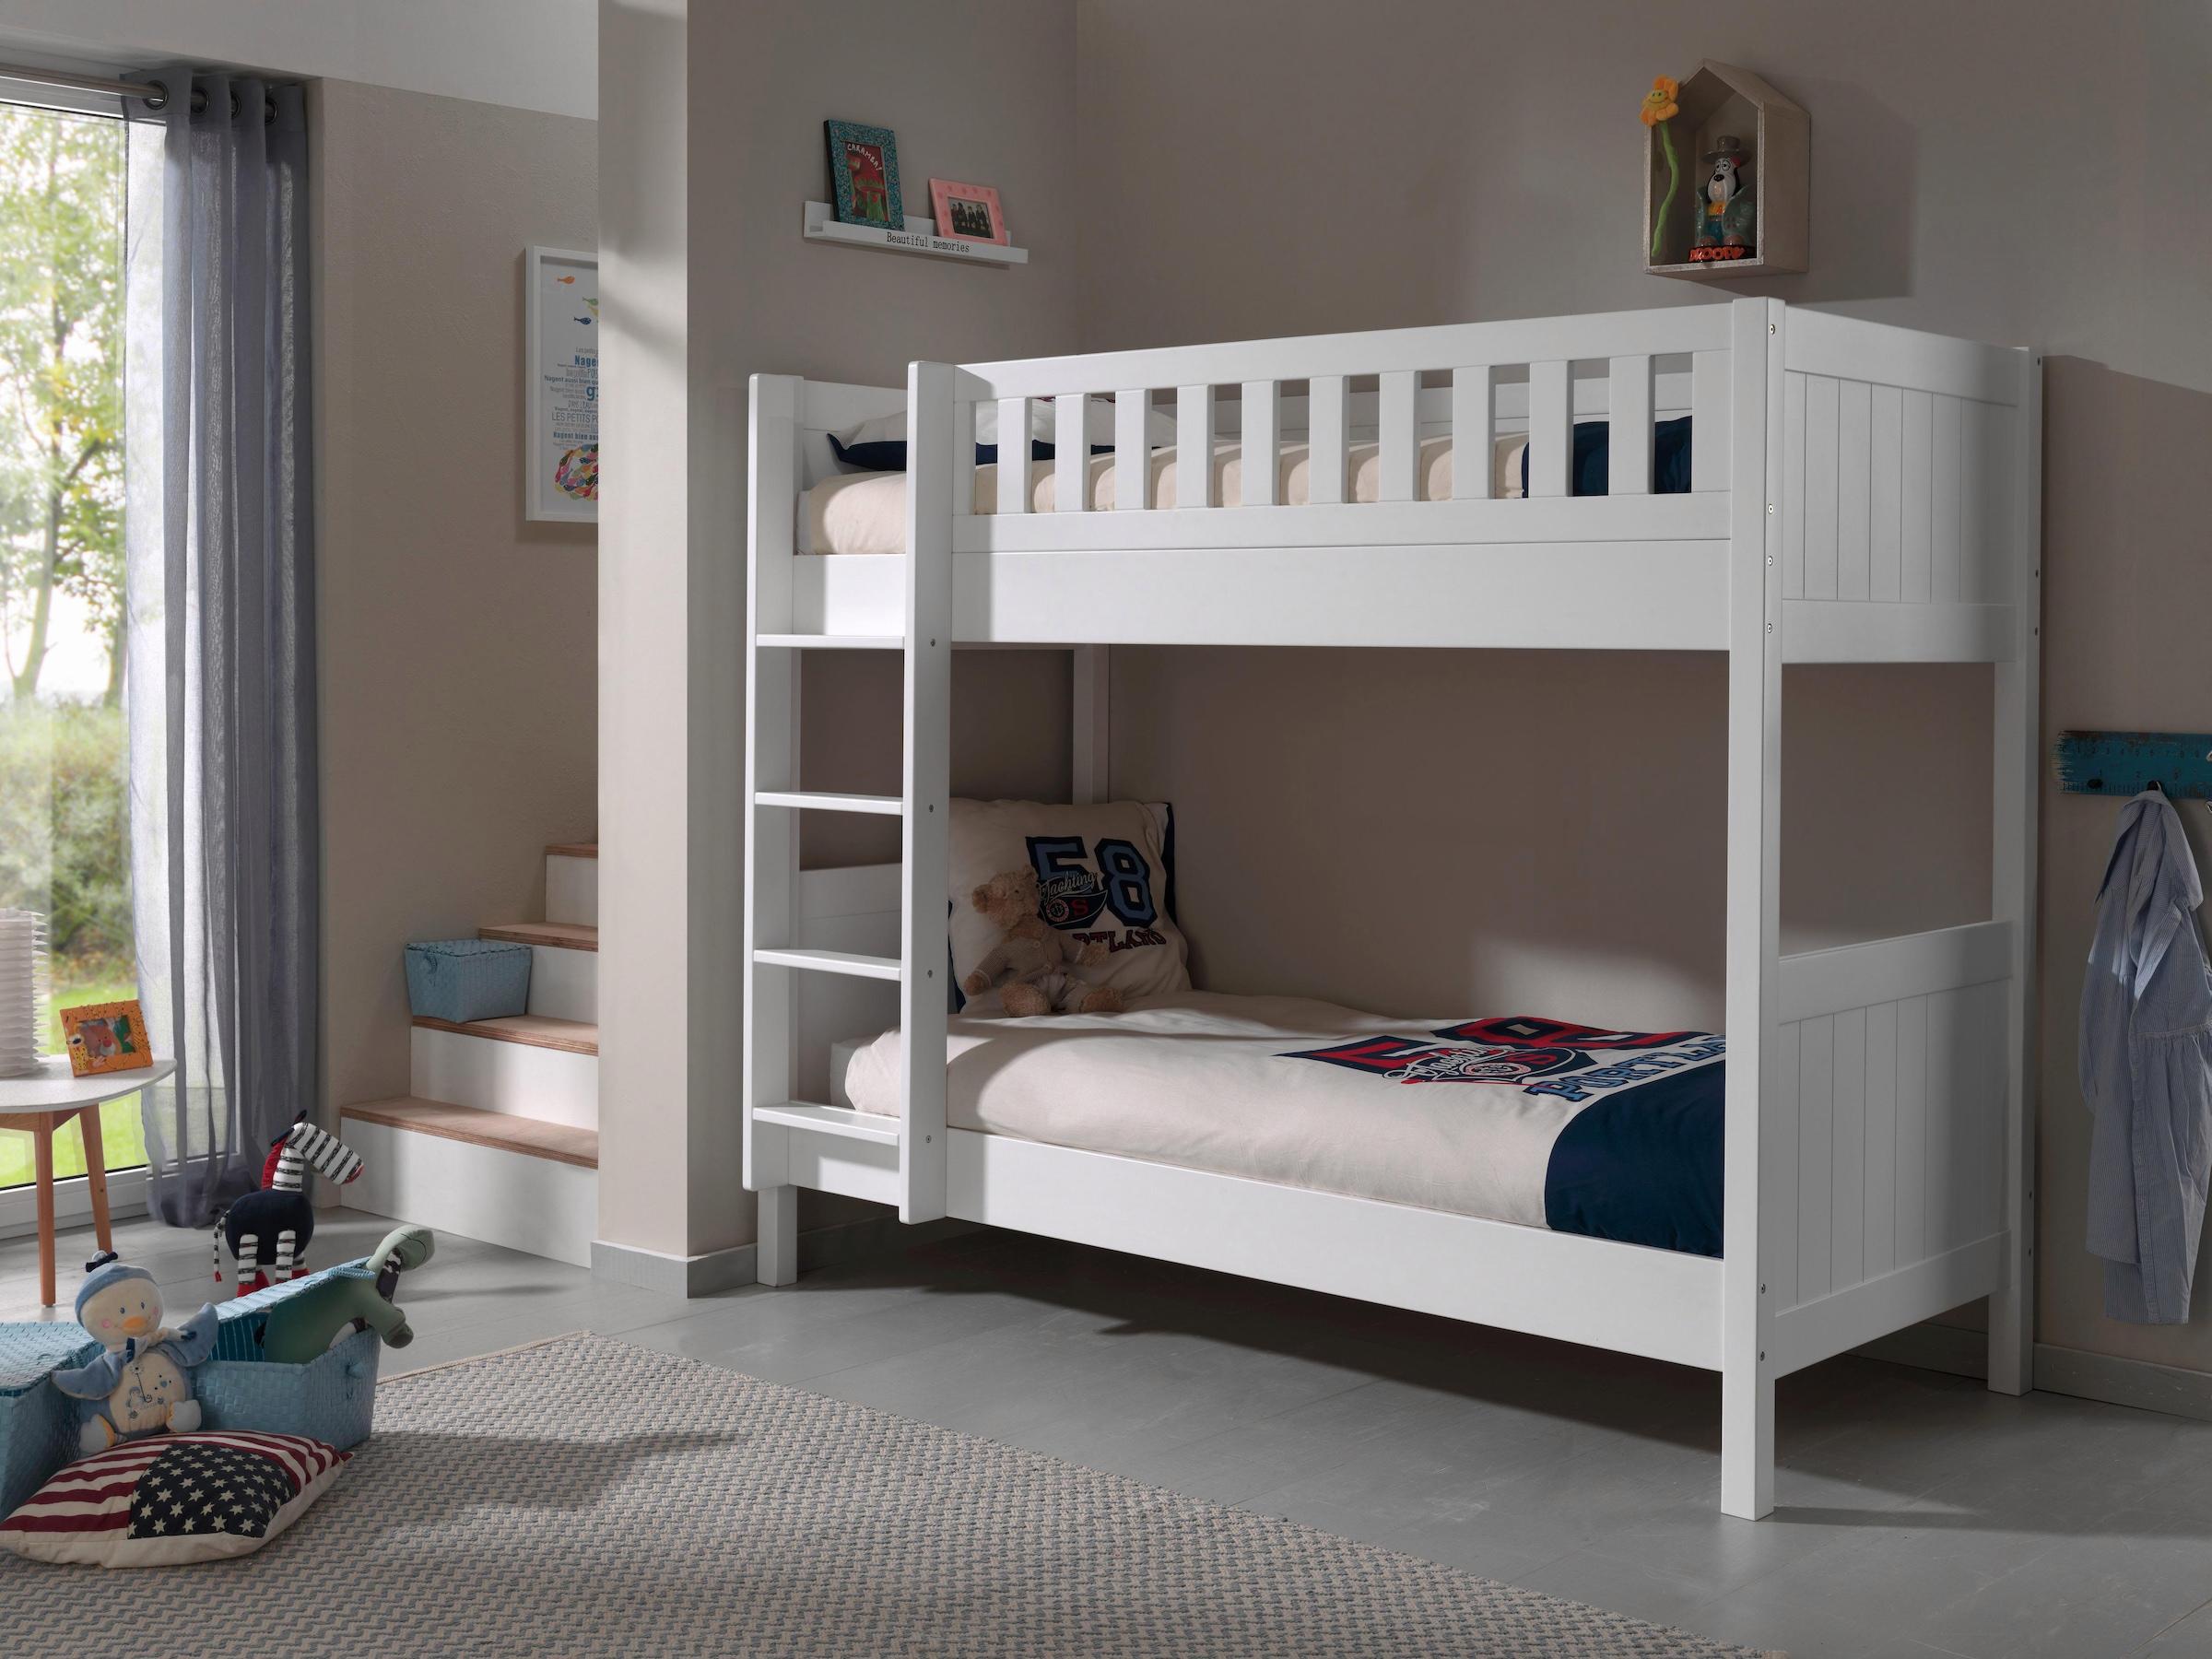 Etagenbett Benji : White mdf etagenbetten online kaufen möbel suchmaschine